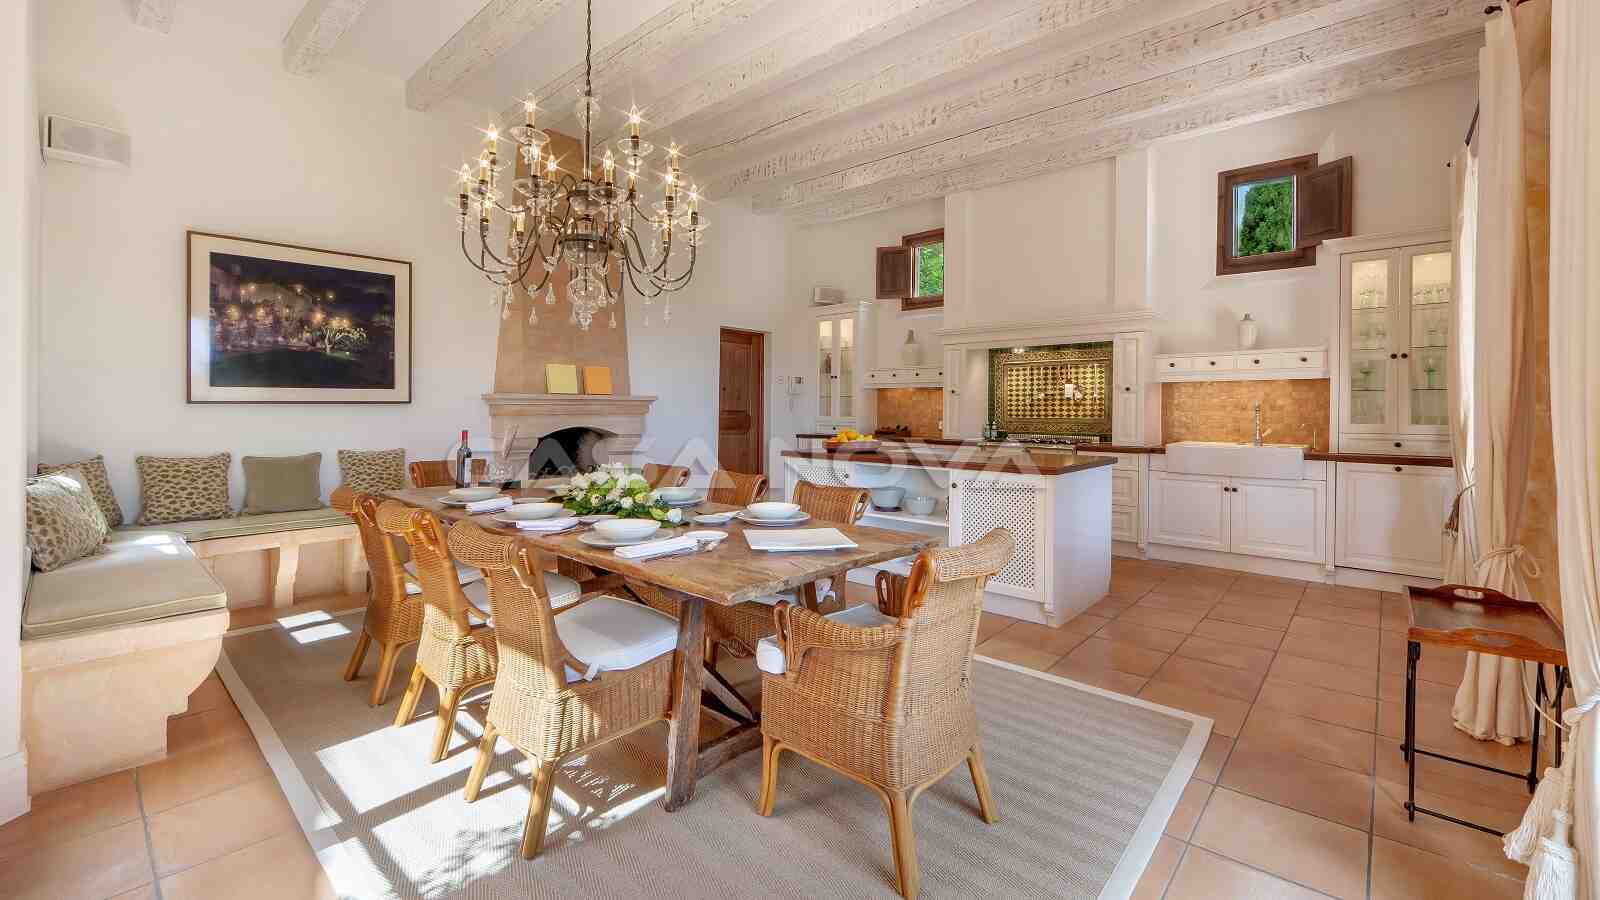 Schönes Esszimmer mit offener Einbauküche